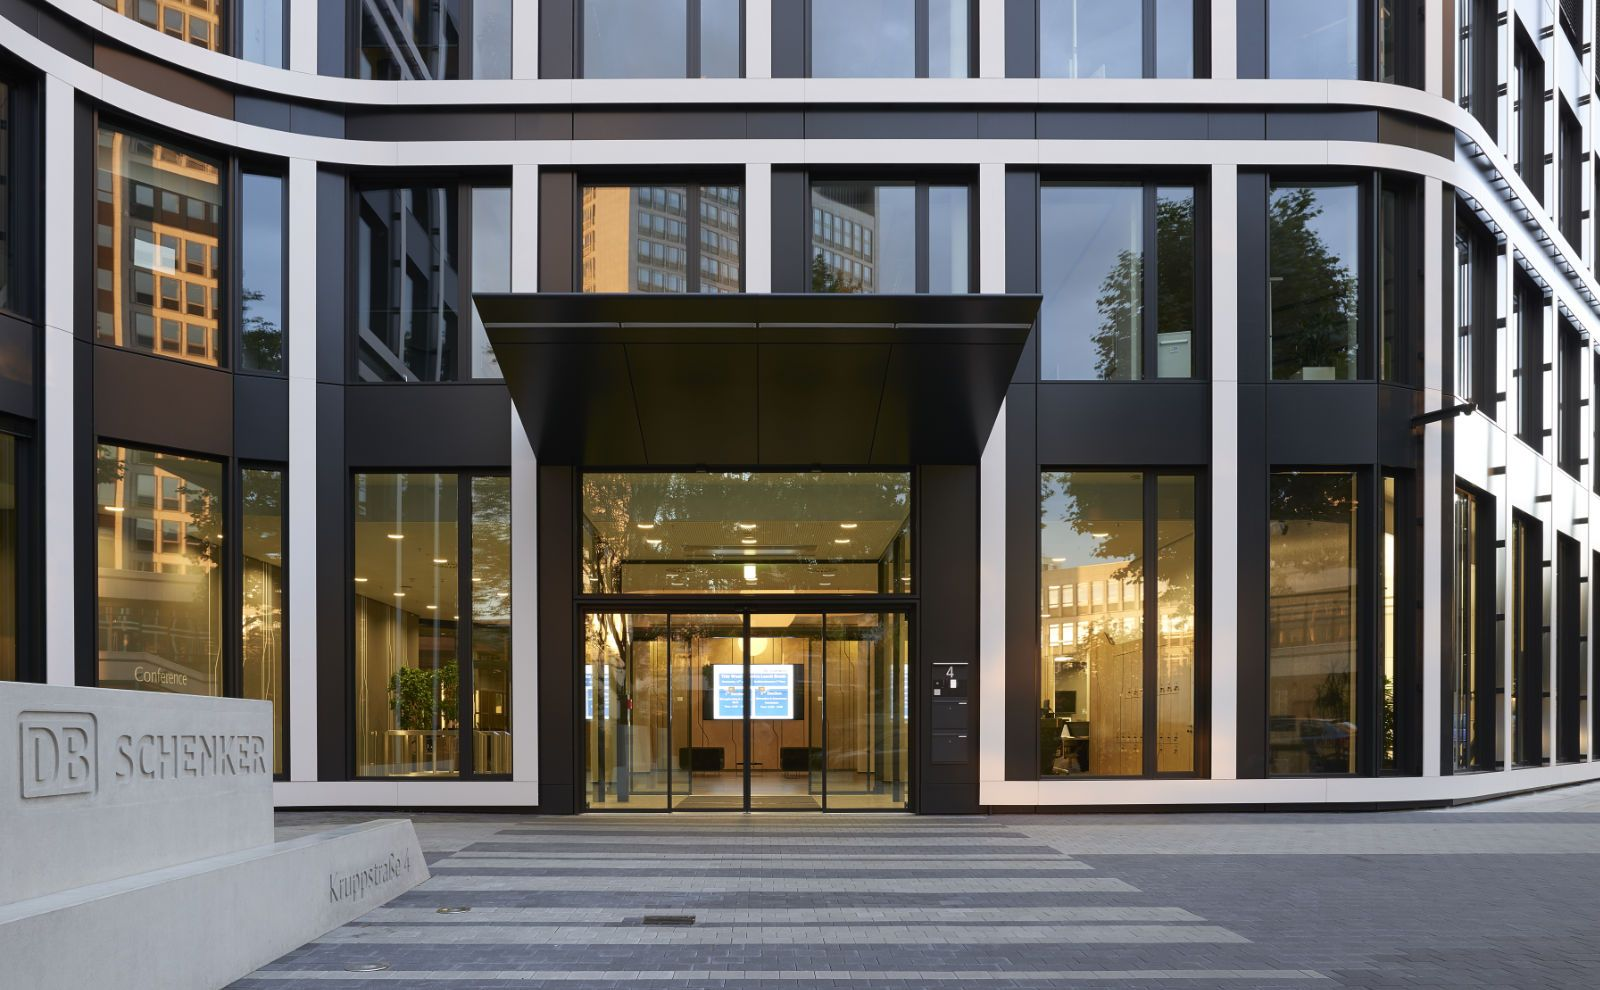 Eingangsbereich mit Vordach der DB Schenker Unternehmenszentrale von BAID Architekten